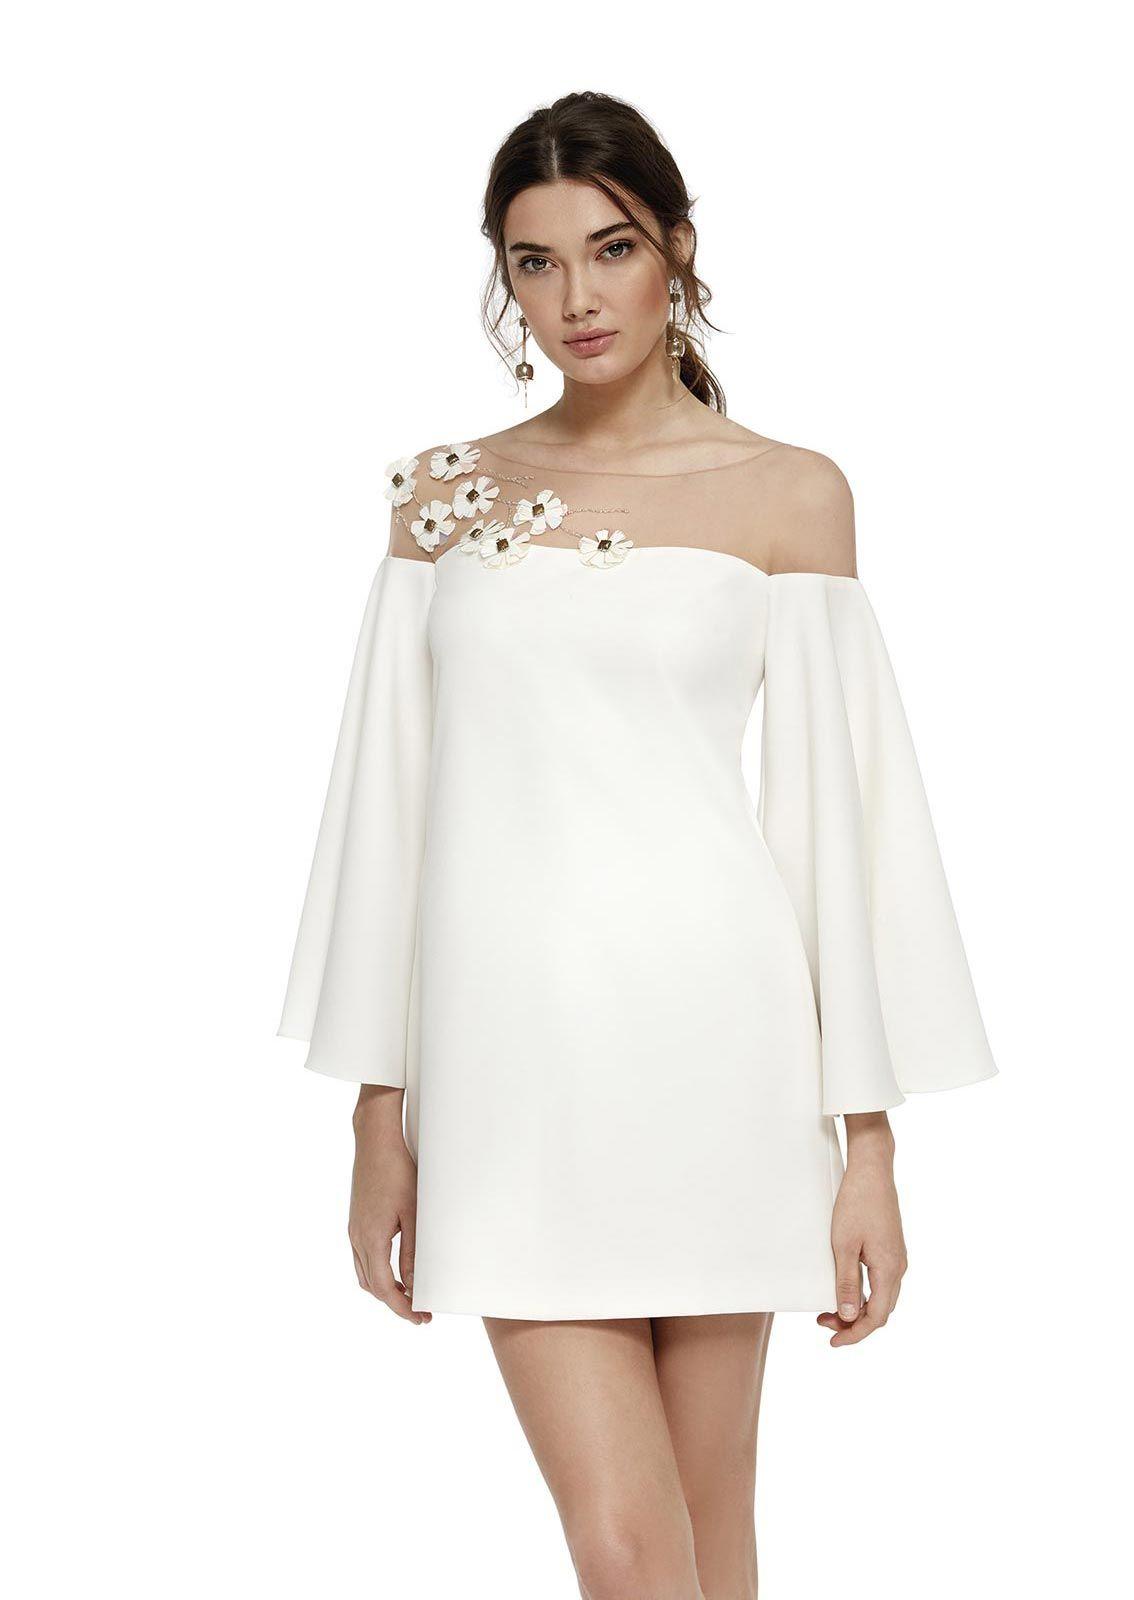 71c3a030b CARLA RUIZ :: | COCKTAIL | blusas,vestidos y casacas en 2019 ...